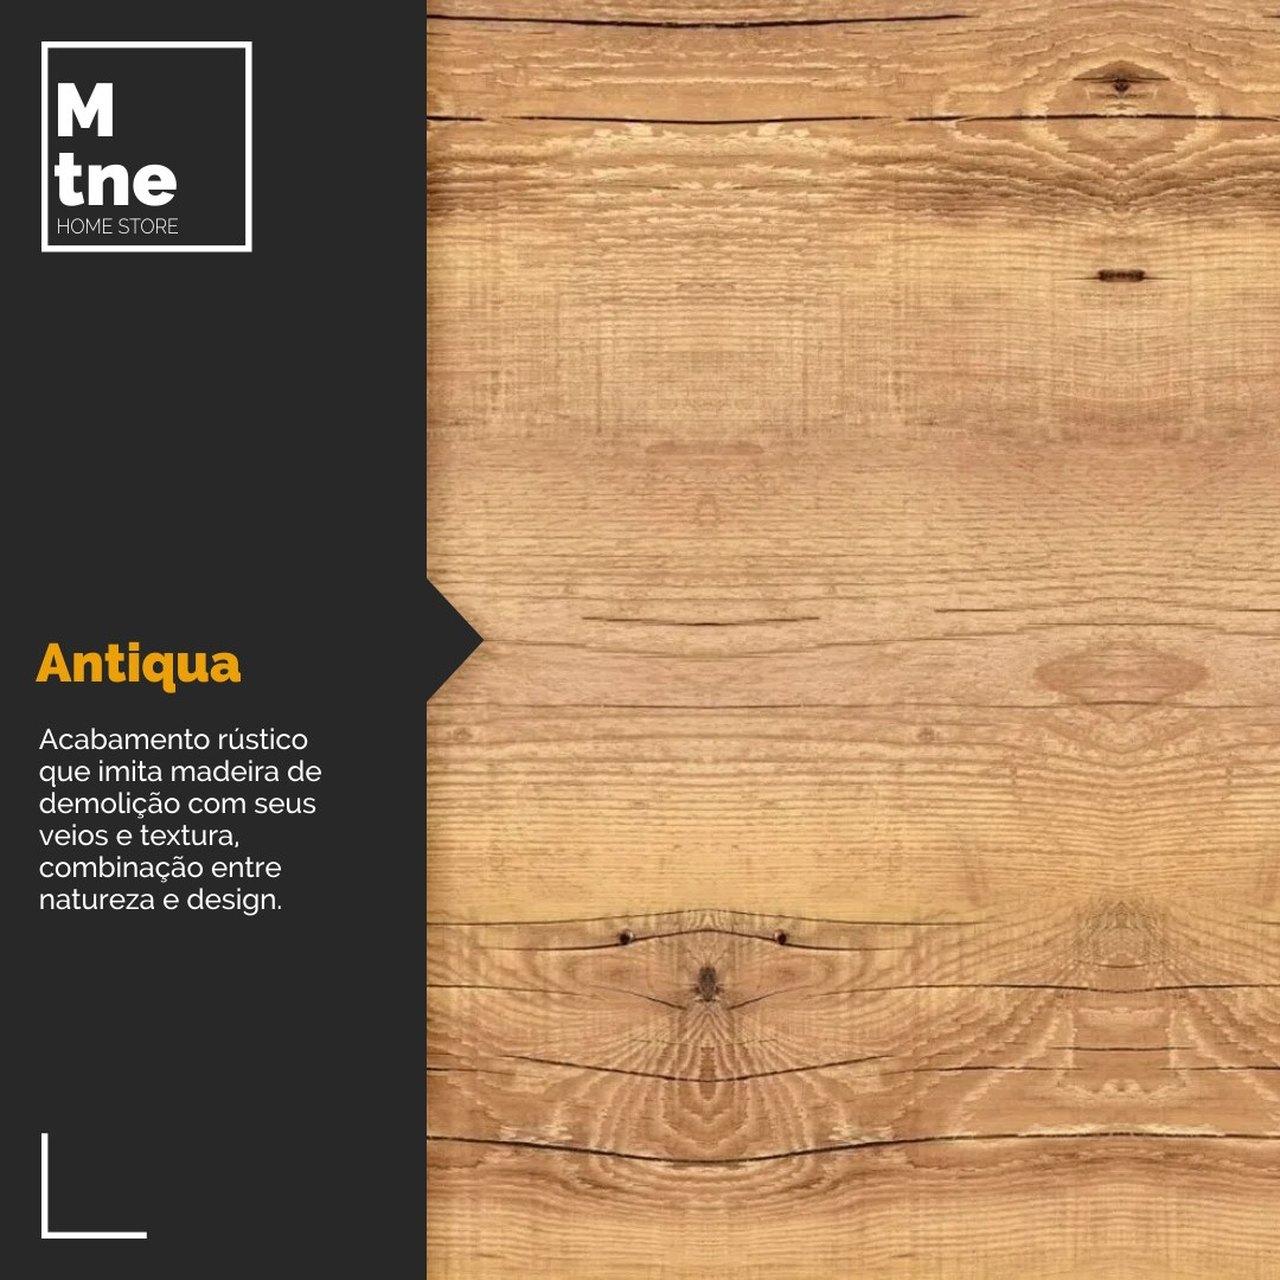 Aparador Antiqua com Squared Legs e Tampo 100 % MDF  - Mtne Store